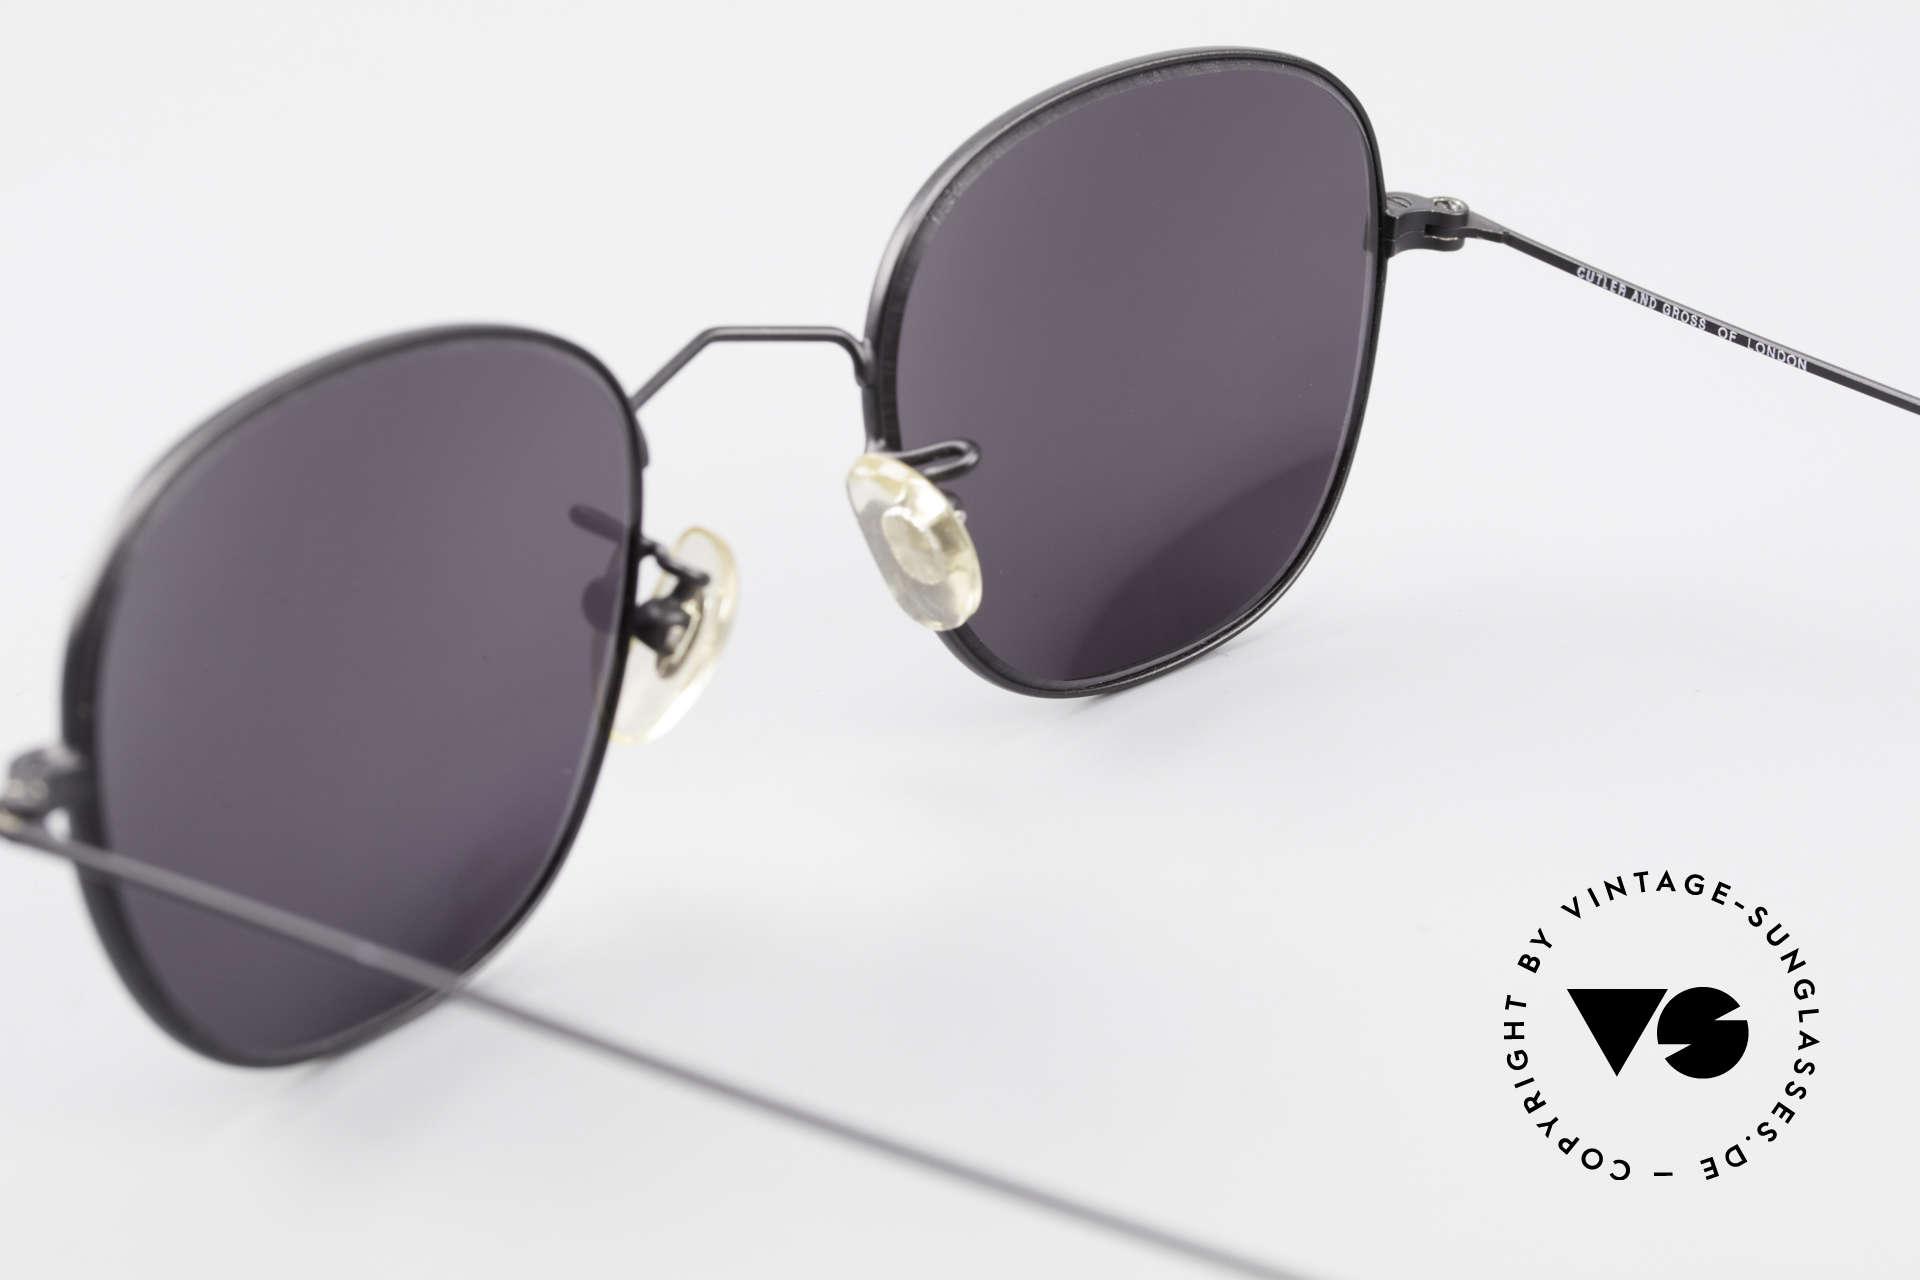 Cutler And Gross 0307 Alte Vintage Sonnenbrille 90er, KEINE Retrobrille, sondern ein 20 Jahre altes Original!, Passend für Herren und Damen